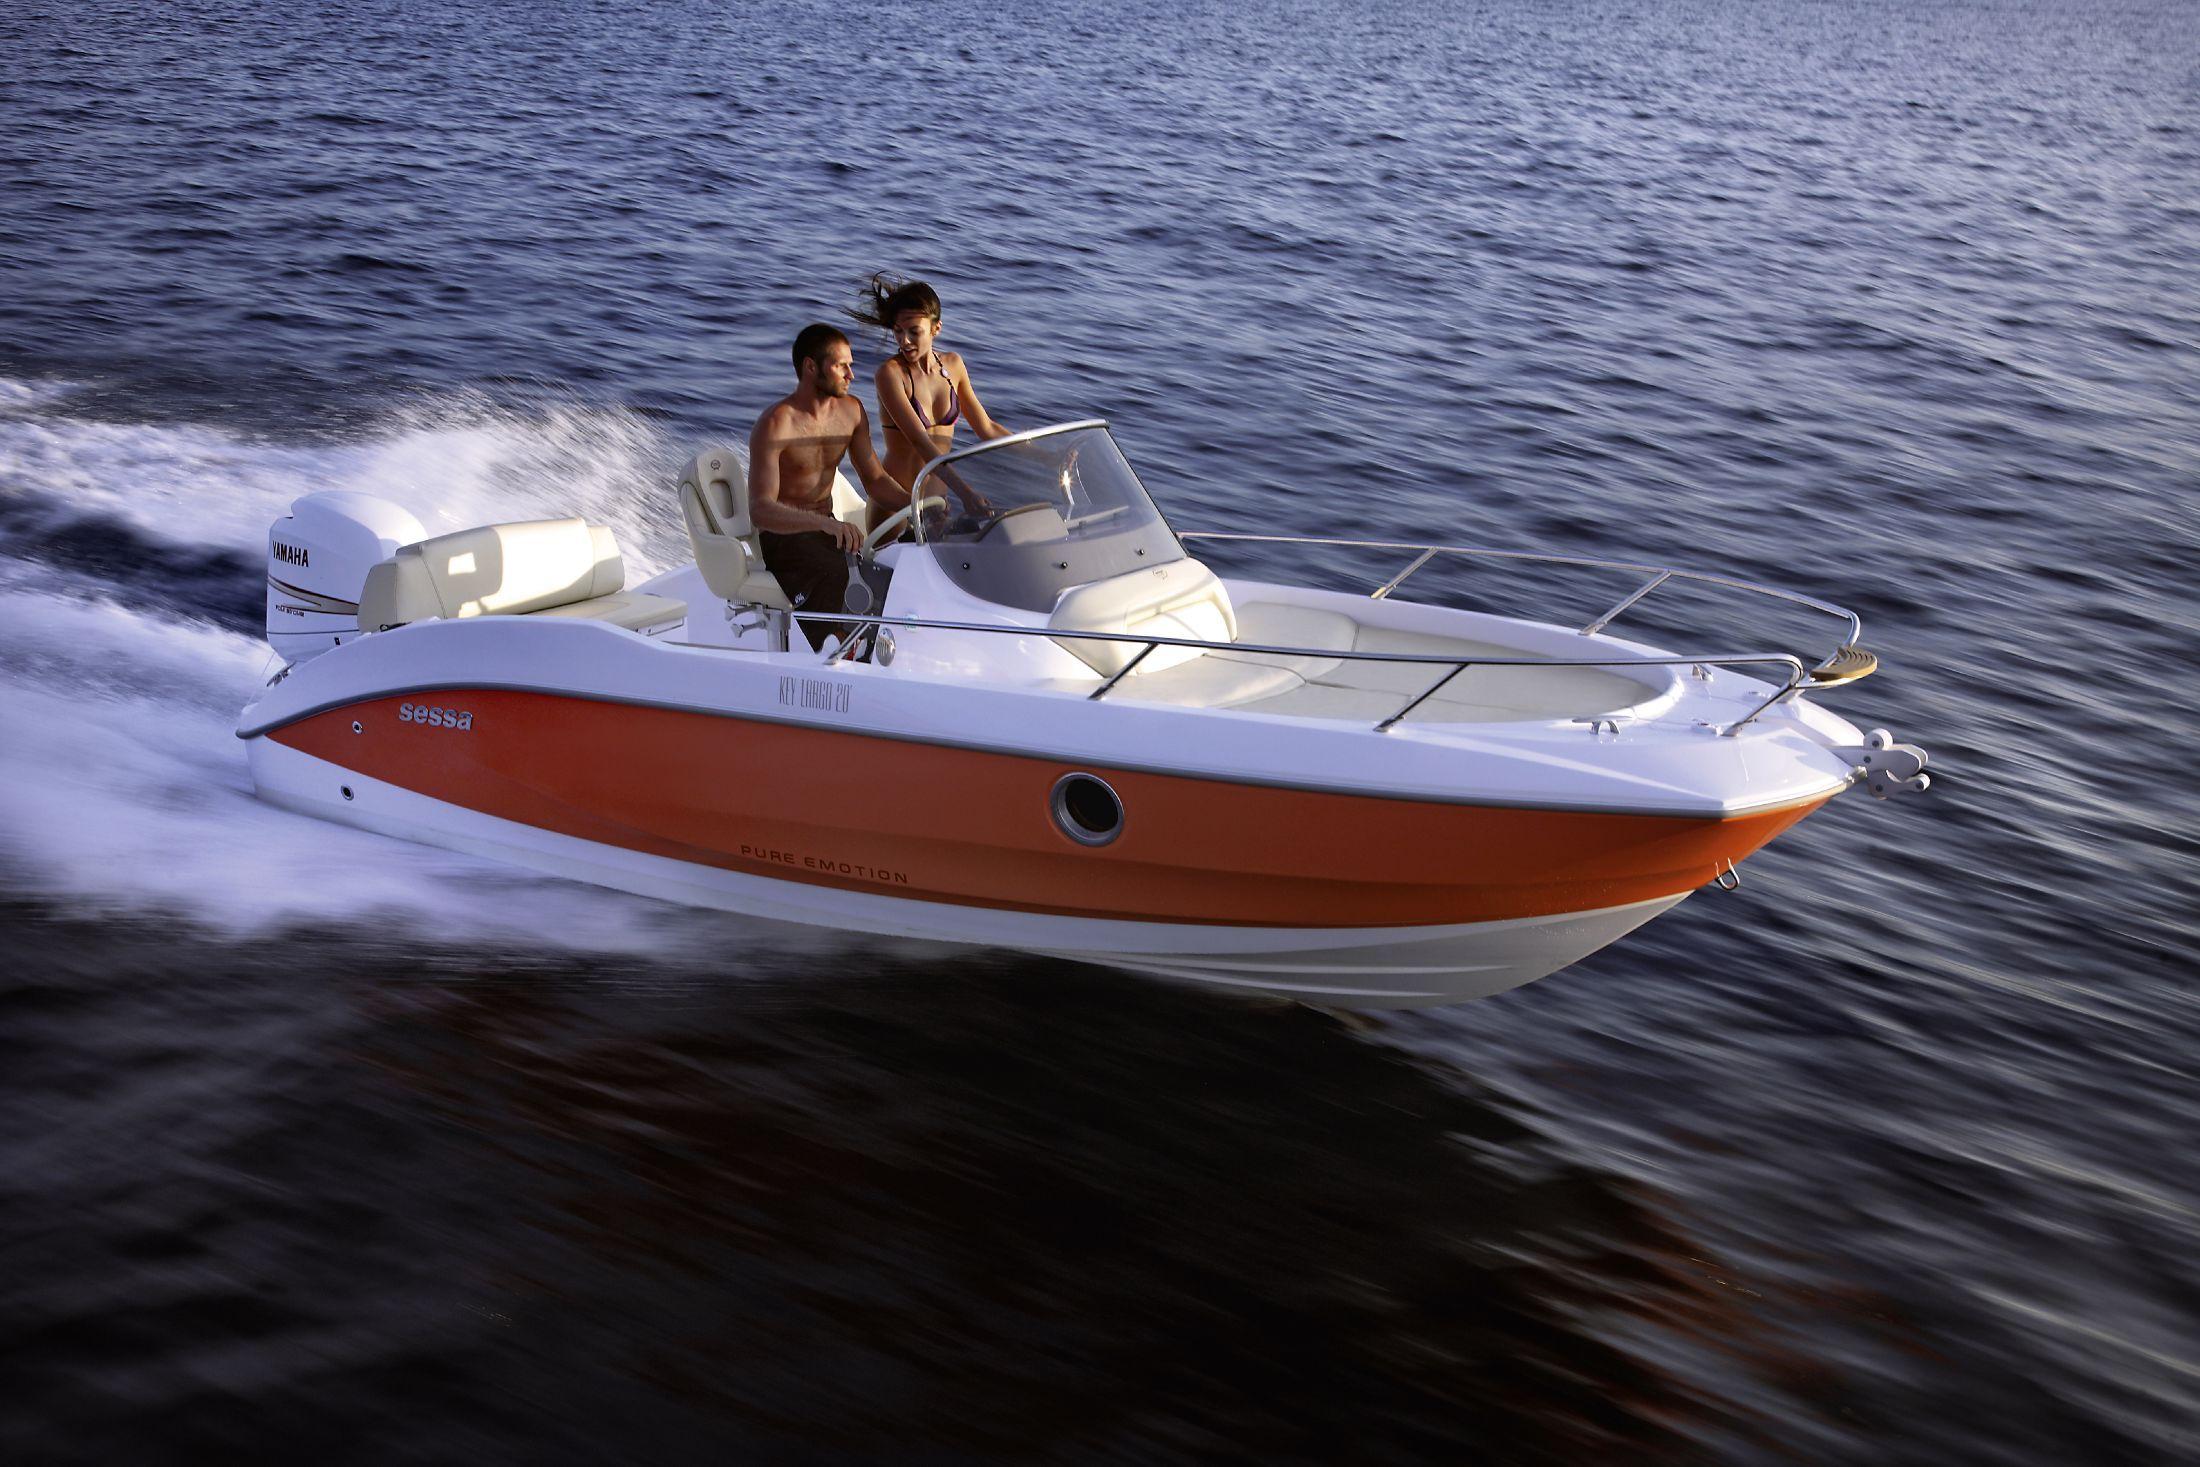 2018 sessa marine key largo 20 power boat for sale. Black Bedroom Furniture Sets. Home Design Ideas